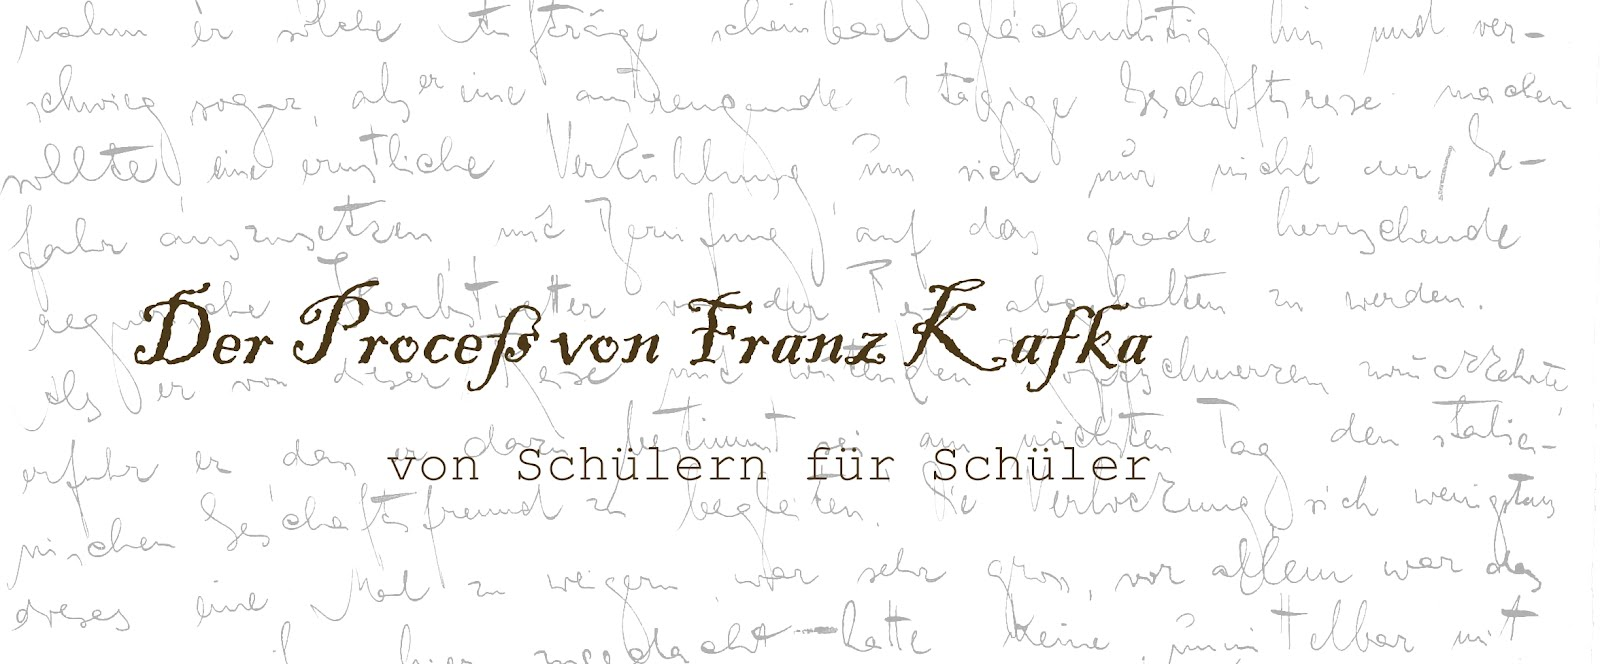 Der Prozess Kafka Wichtige Zitate Zitate Der Weisheit